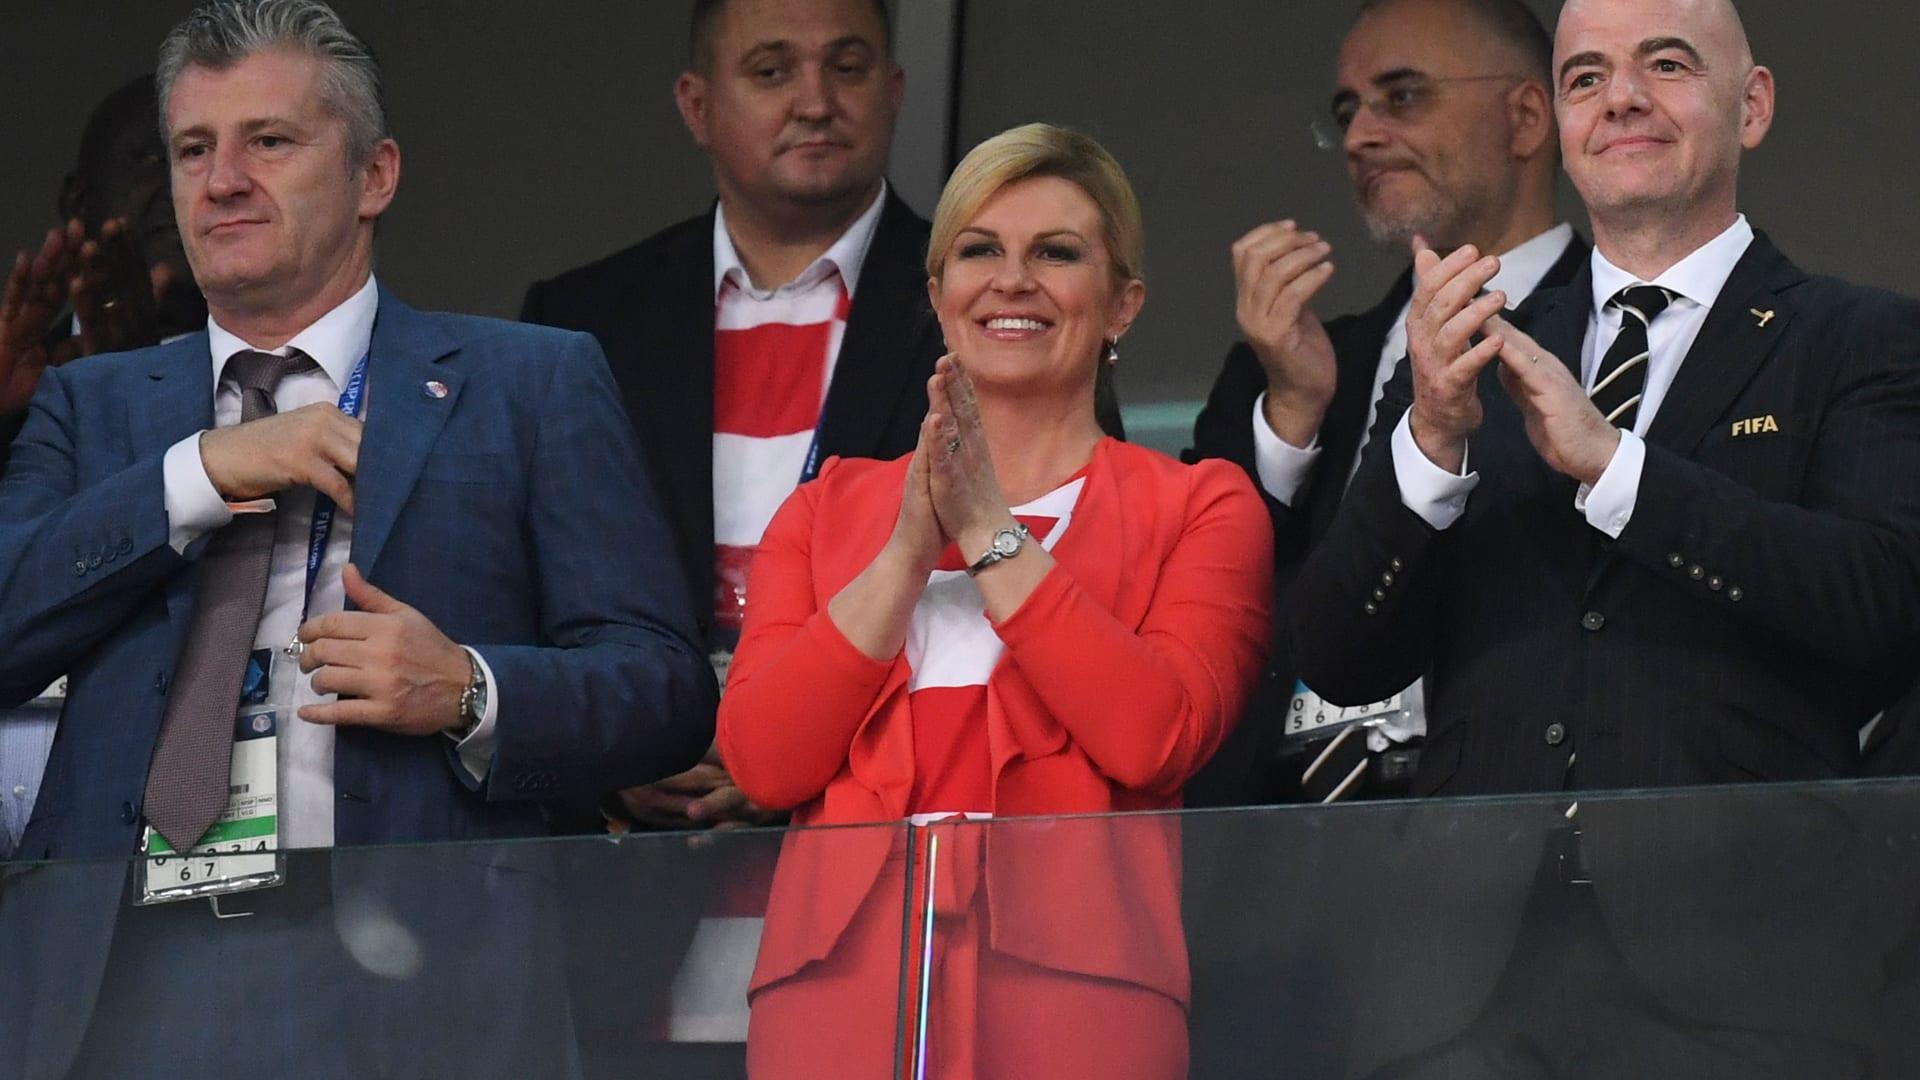 رئيسة كرواتيا تخطف الأنظار خلال لقاء روسيا.. وهكذا احتفلت مع لاعبيها